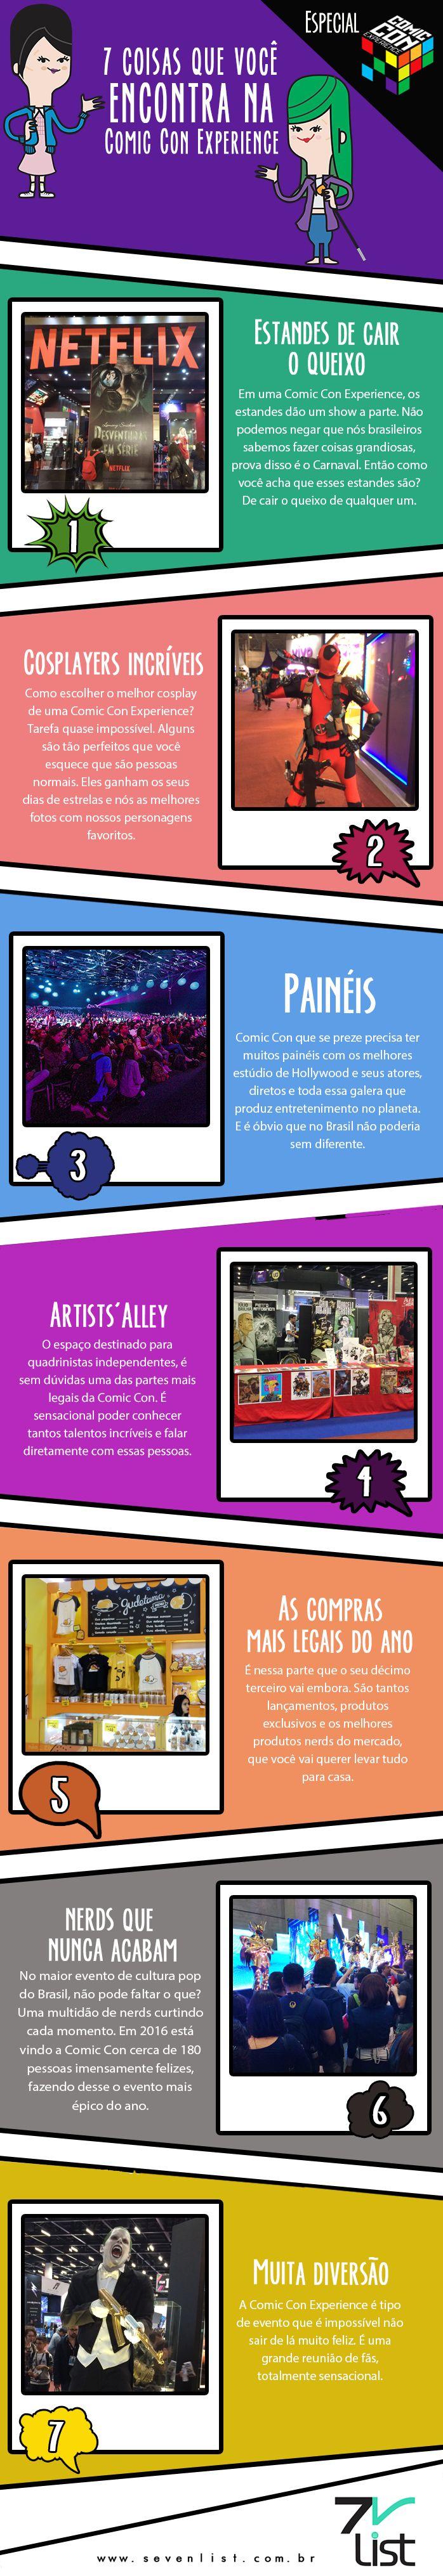 Está rolando a Comic Experience 2016 e todo mundo não para de falar nisso. Mas afinal, o que tem por lá? Nós do Seven List vamos te dizer, veja 7 coisas que você encontra em uma Comic Con Experience.  #SevenList #CCXP #CCXP2016 #COMICCON #COMIC #NERD #NERDICE #ART #INFOGRÁFICO #HEROES #GEEK #CULTURAPOP #CINEMA #CINE #MOVIE #FILM #HQ #QUADRINHOS #TV #TVSHOW #SERIES #MARVEL #DC #COSPLAY